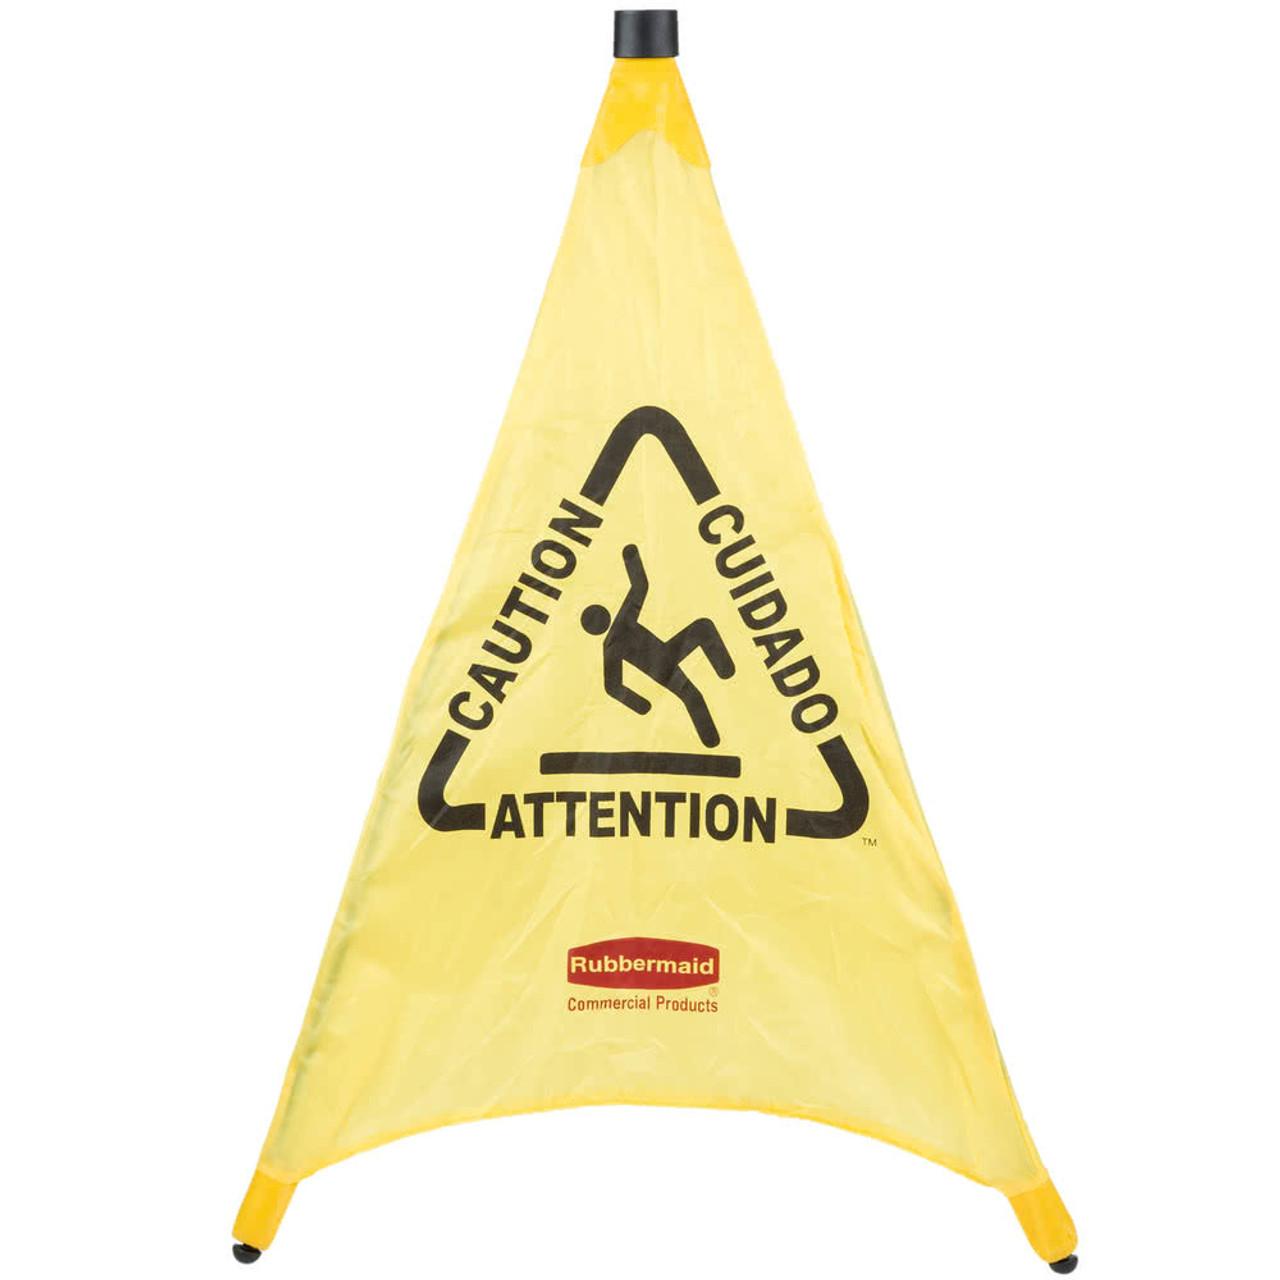 Rubbermaid Pop-Up Cone 76 cm - Multilingual Caution Symbol